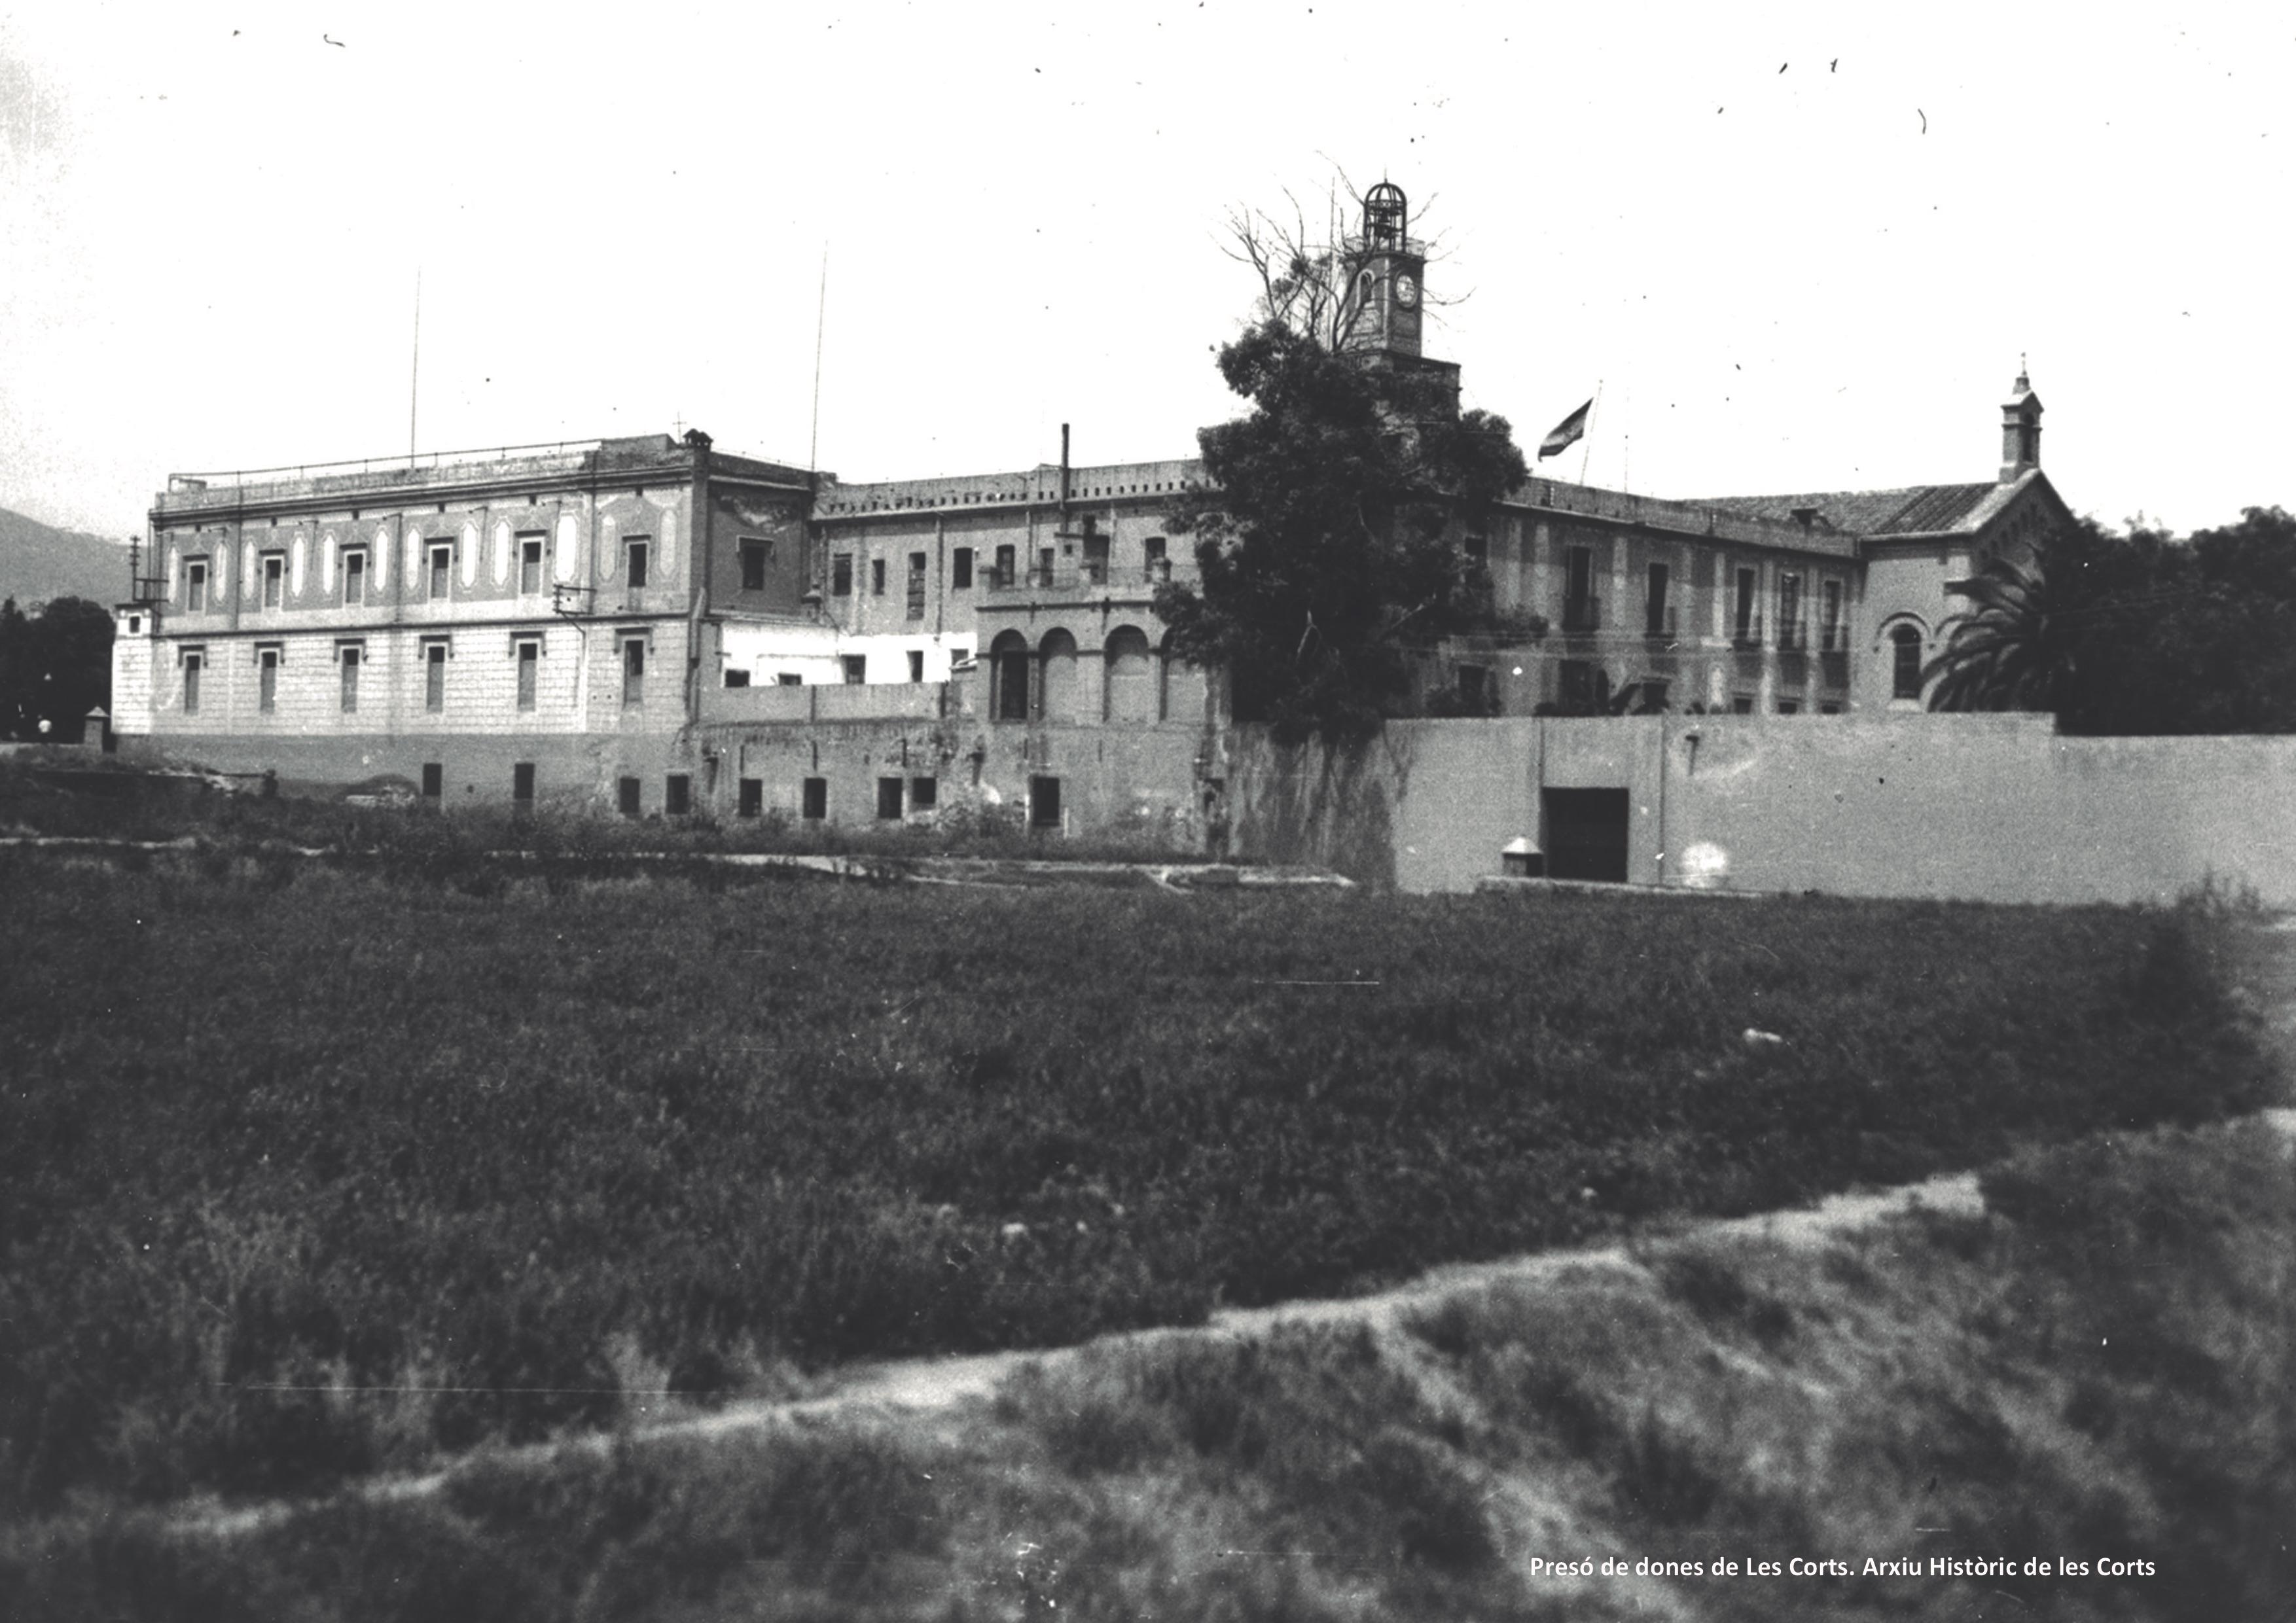 Presó de dones de Les Corts. Arxiu Històric de Les Corts.